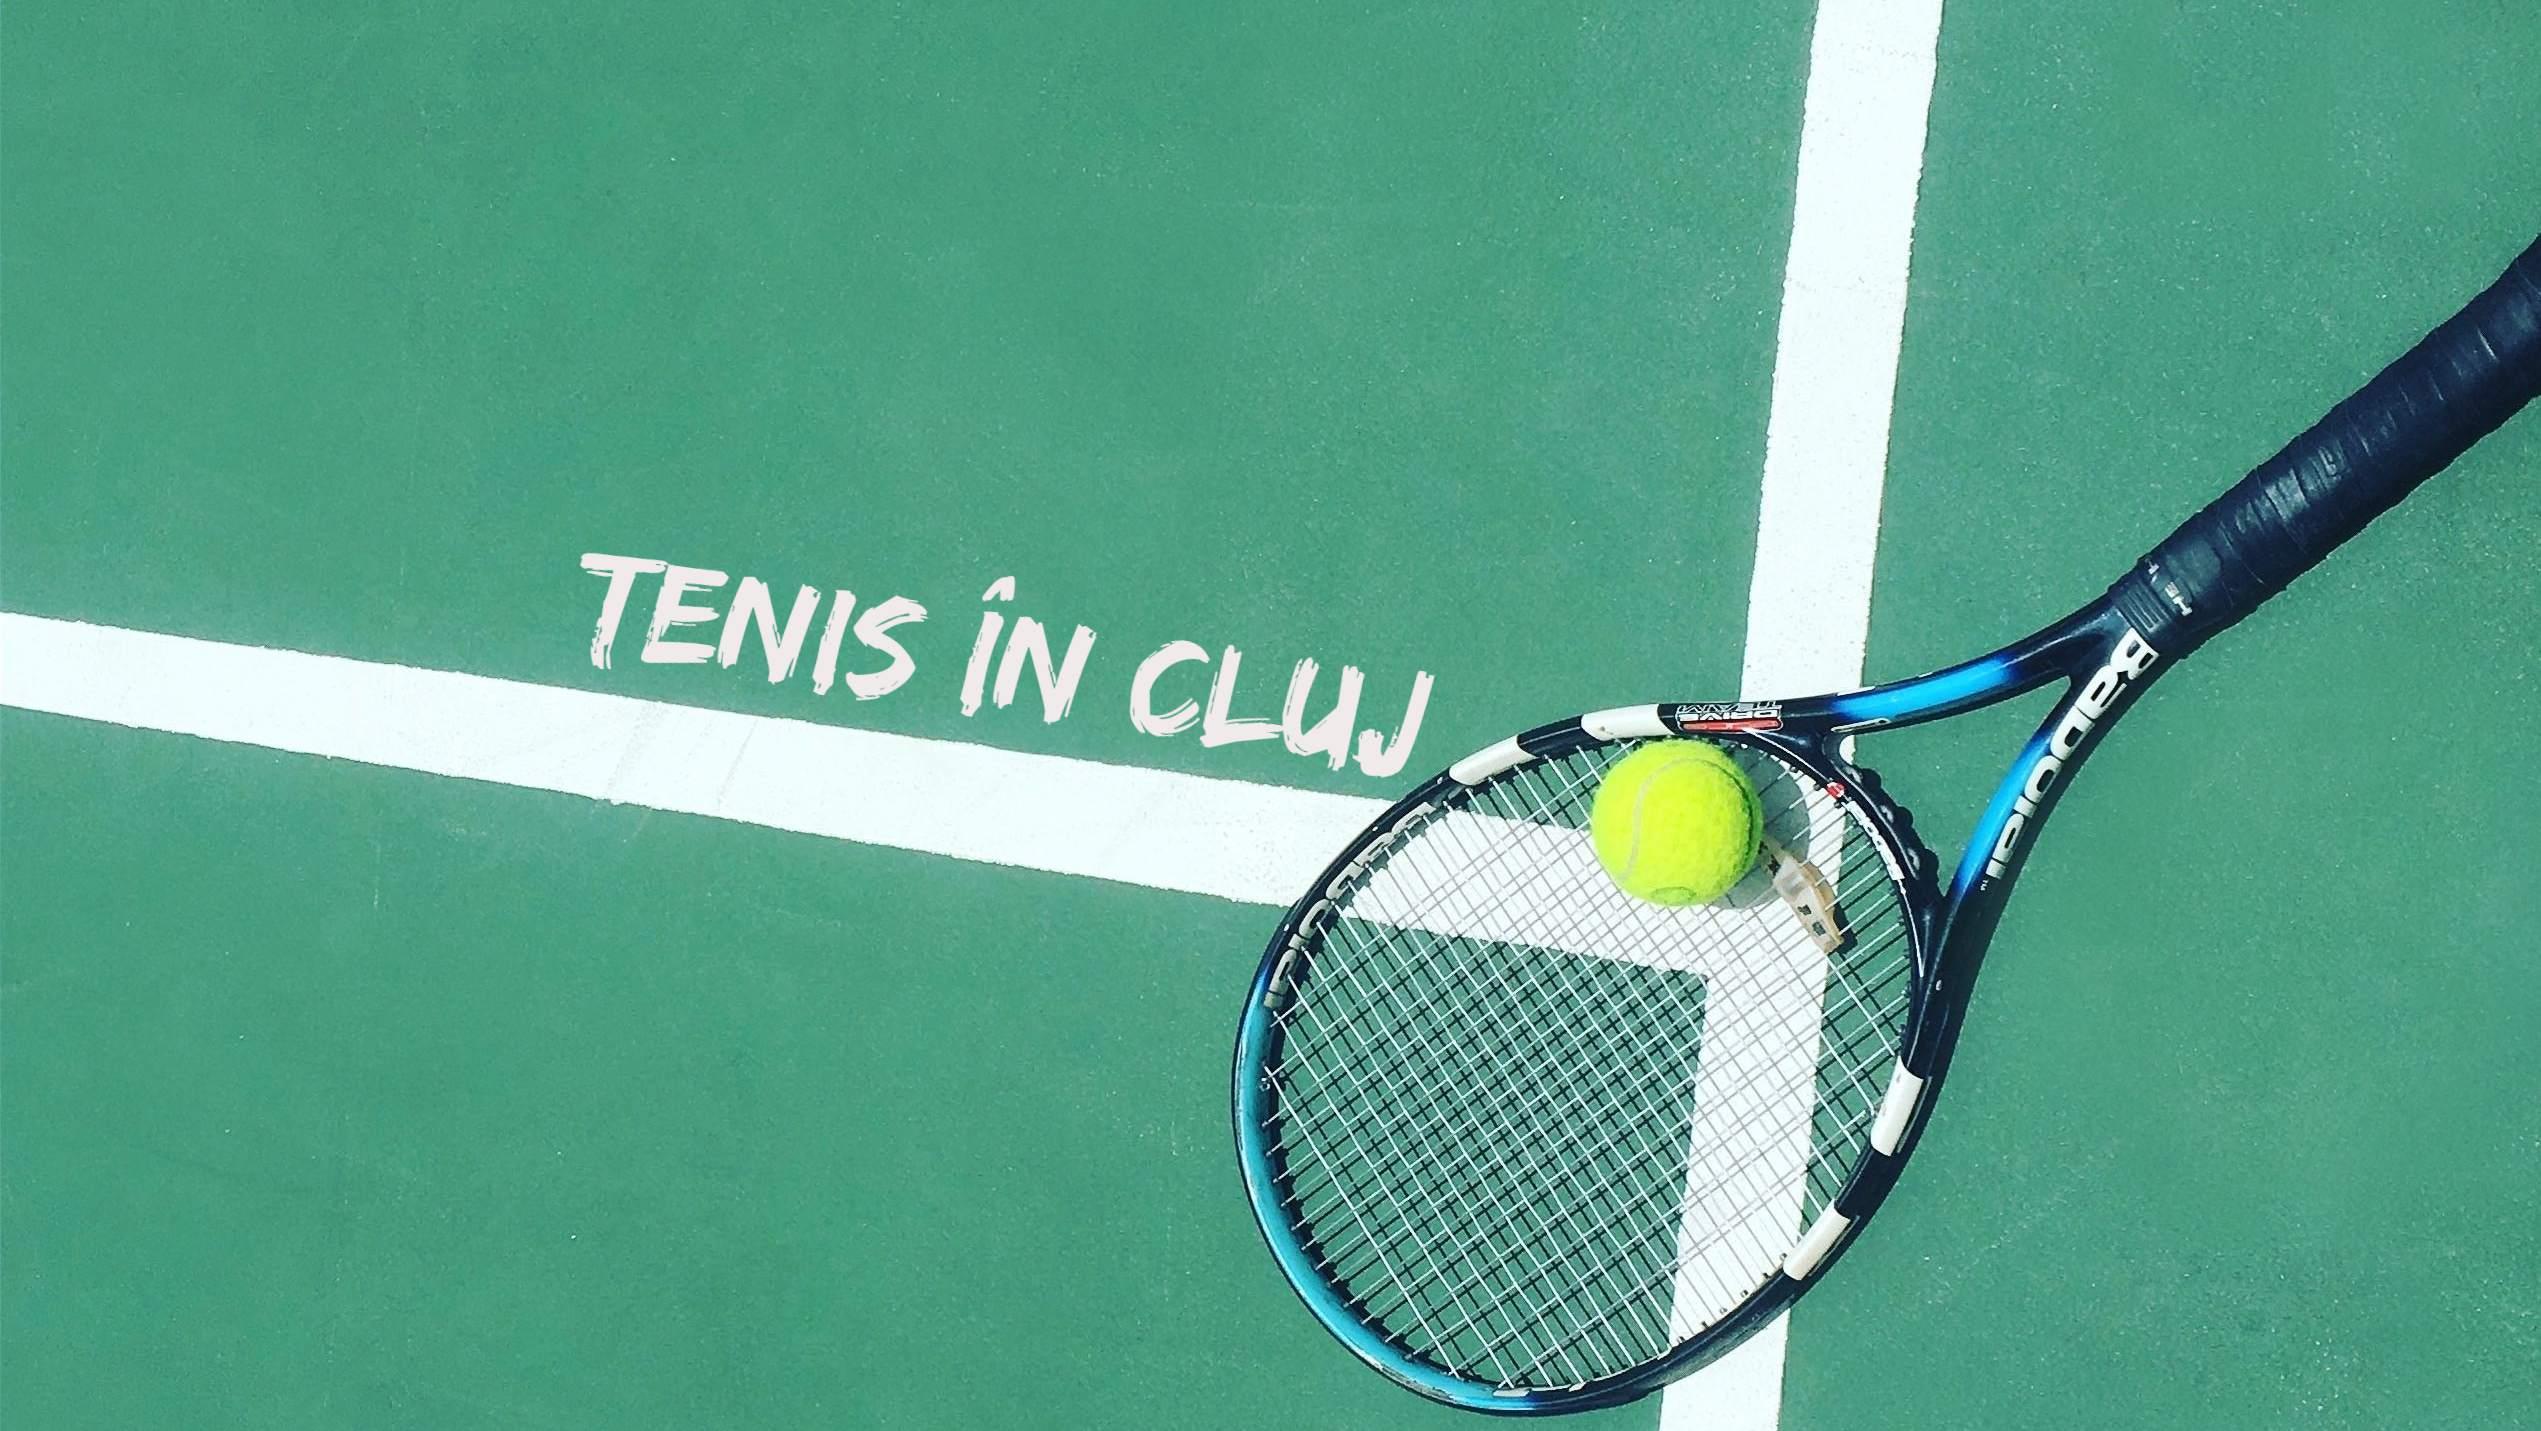 Unde poți juca tenis în #Cluj?